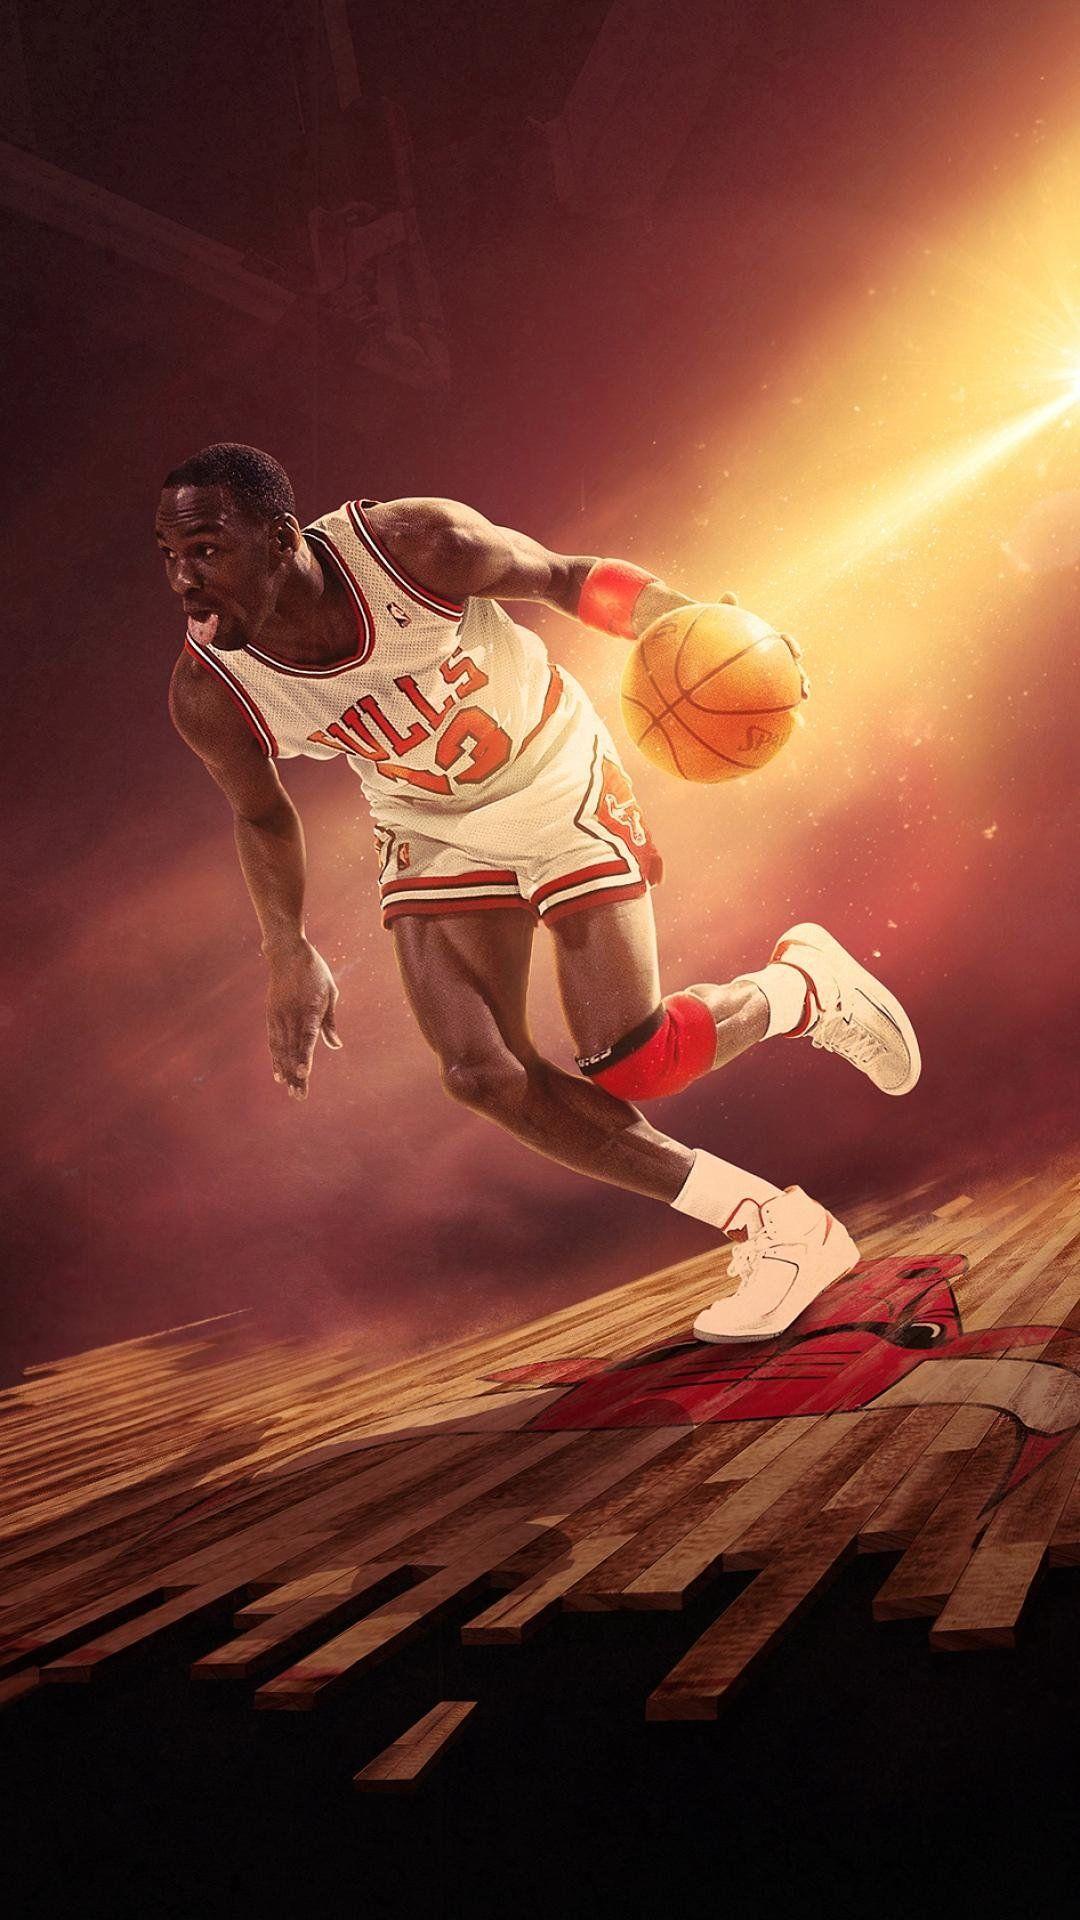 Supreme Basketball Wallpapers on WallpaperDog